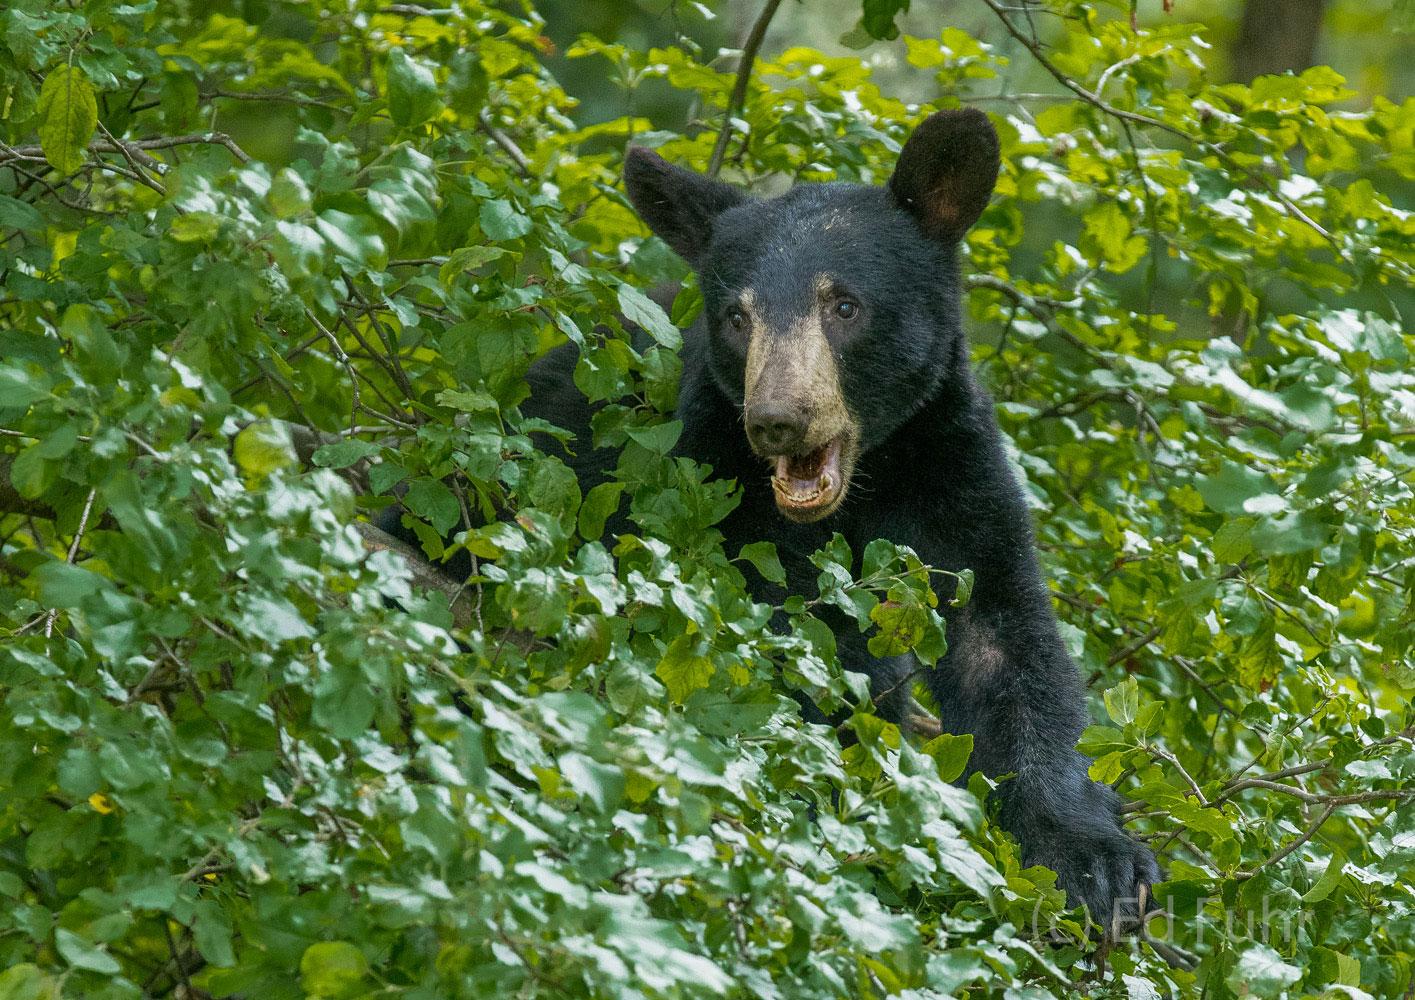 A black bear feeds near Loft Mountain.